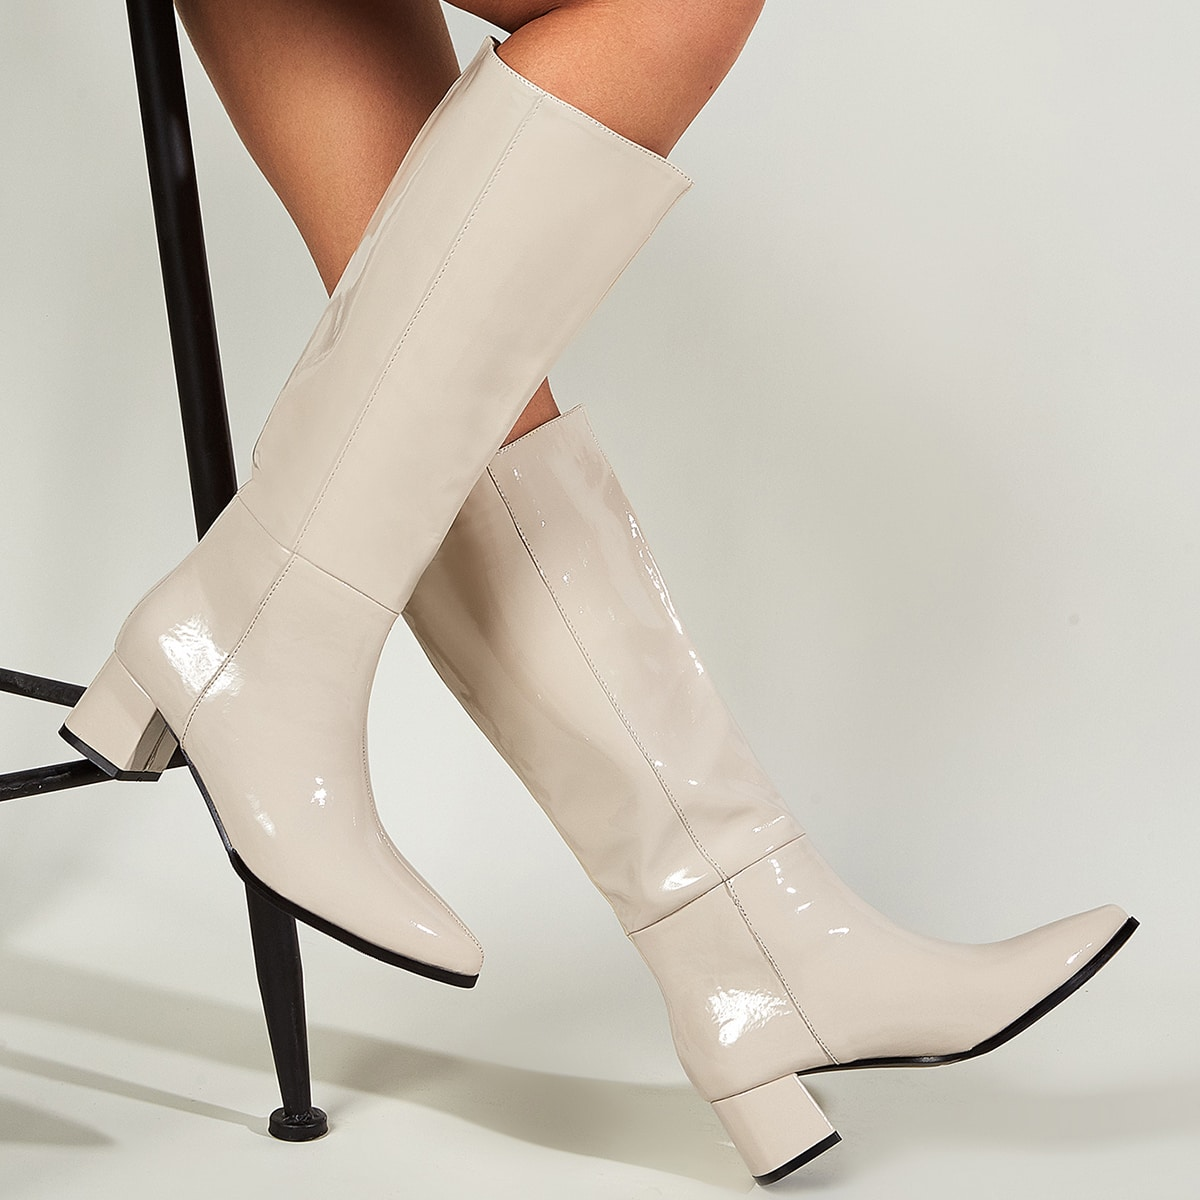 Остроконечные сапоги на массивном каблуке из лакированной кожи